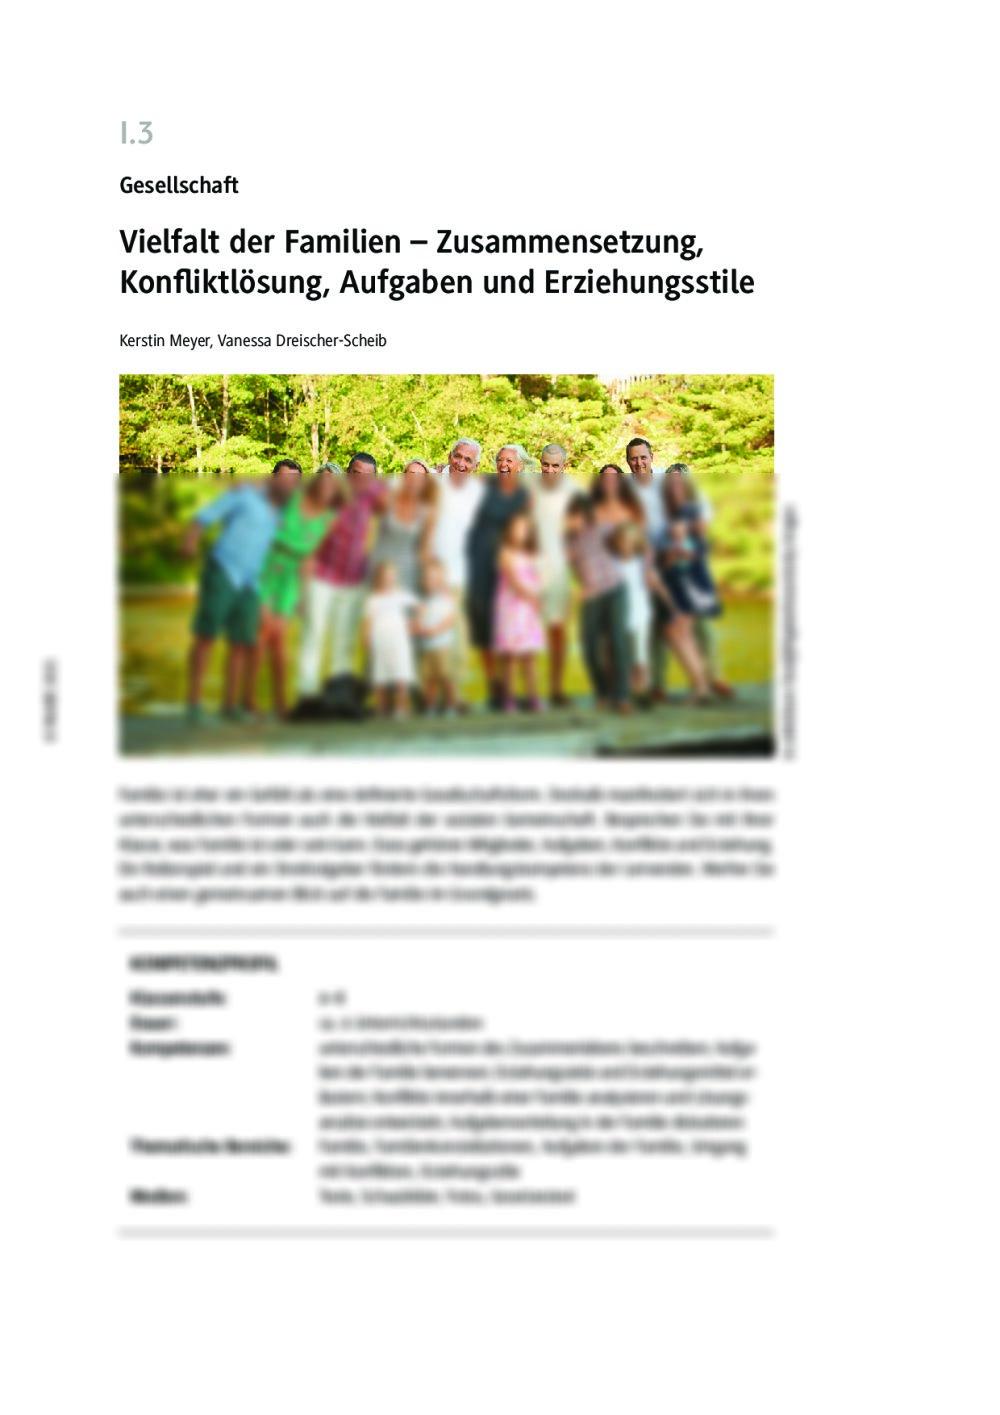 Vielfalt der Familien - Seite 1